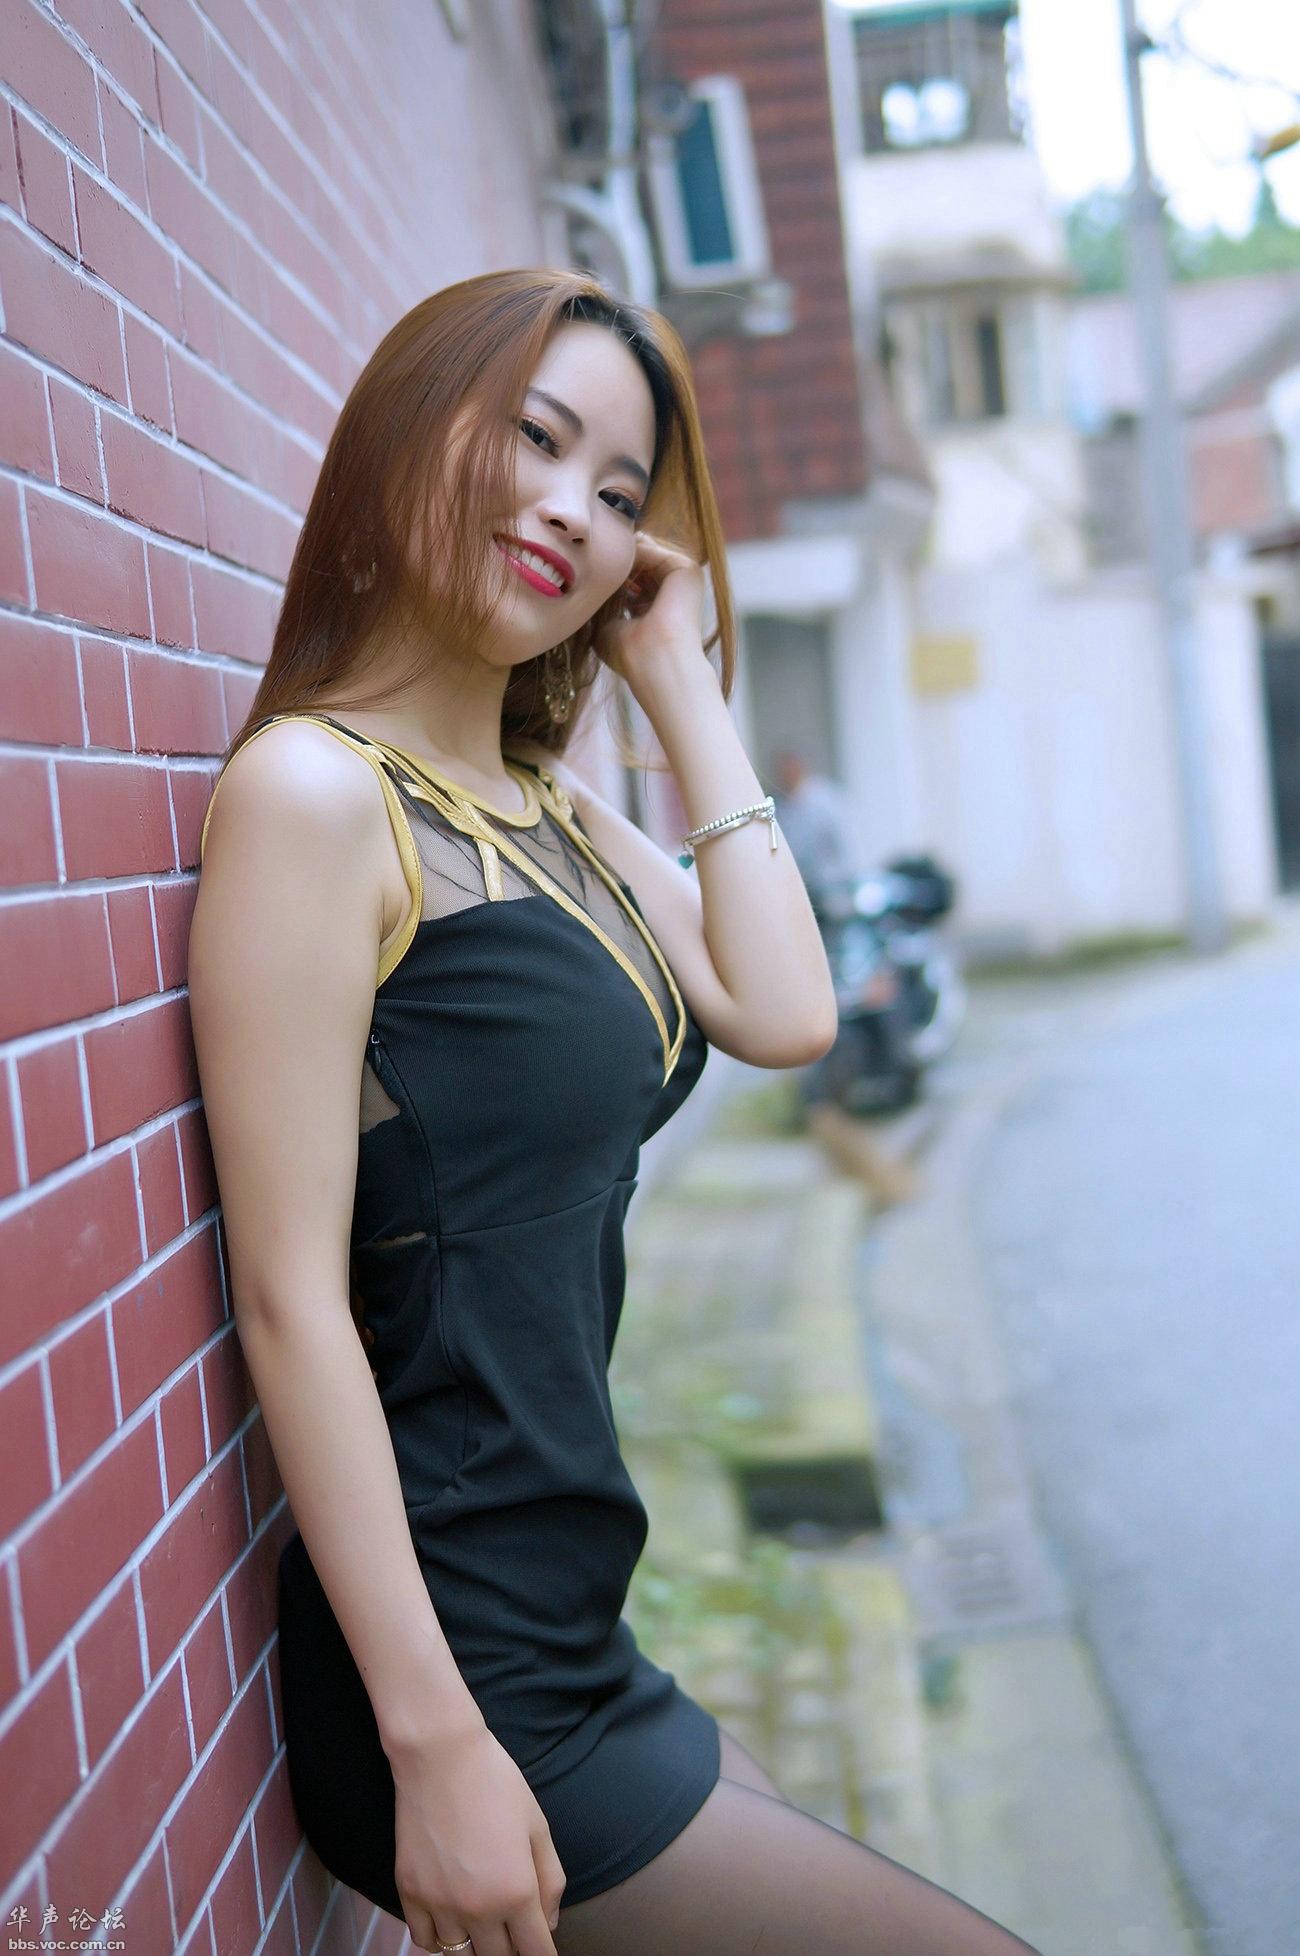 亭亭玉立 黑裙黑丝 - 花開有聲 - 花開有聲